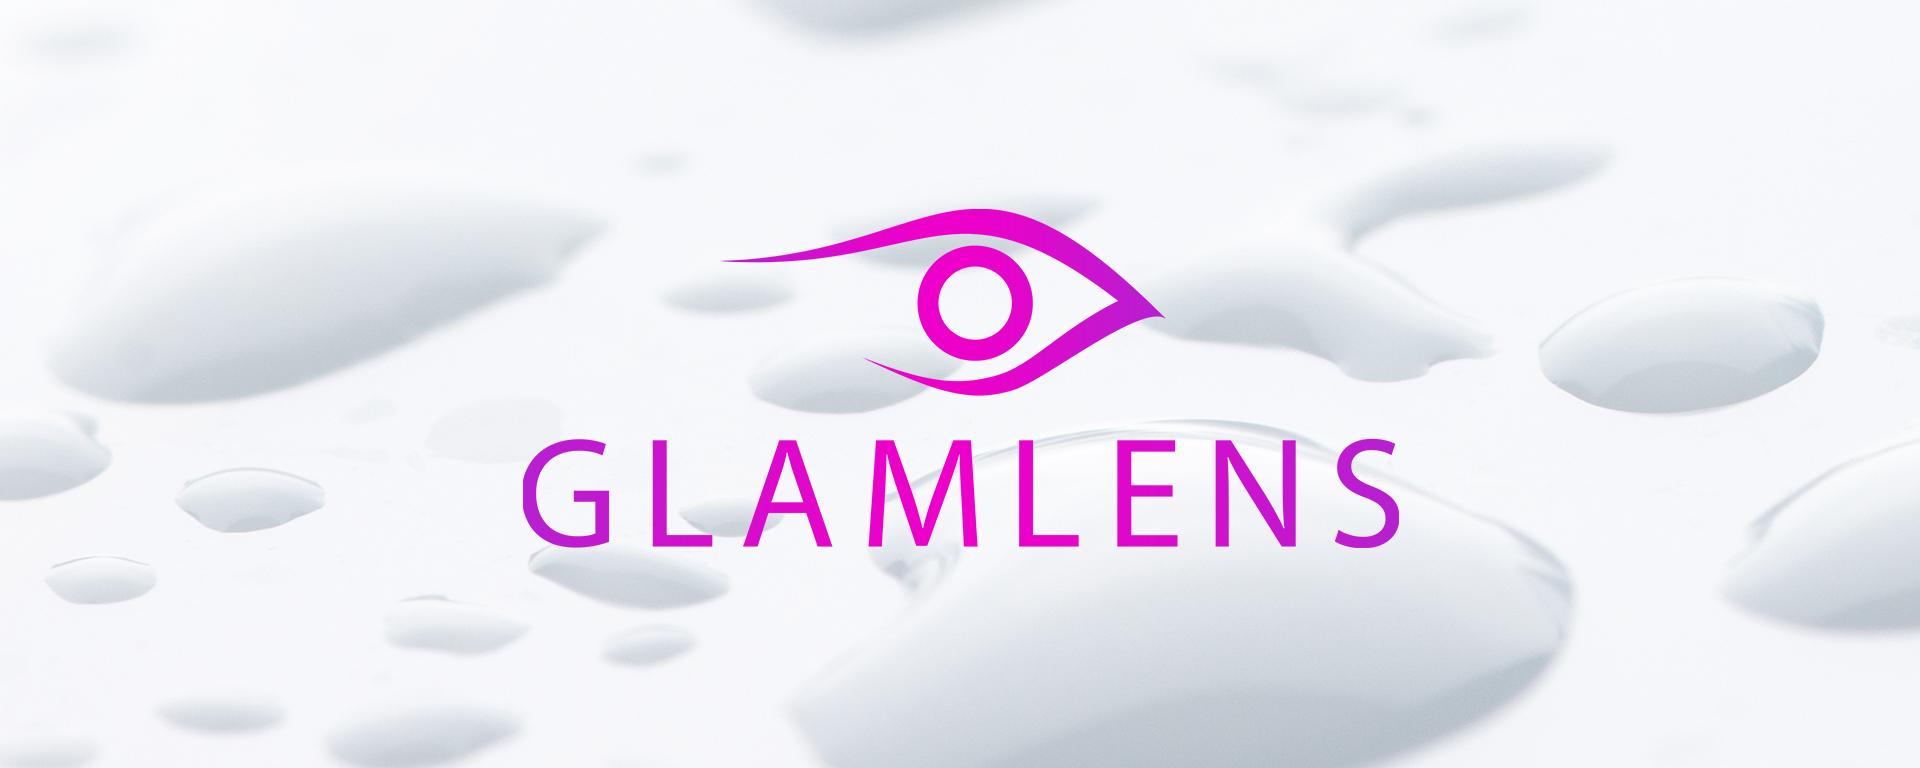 Glamlens - Die neue Marke für Farbige Kontaktlinsen